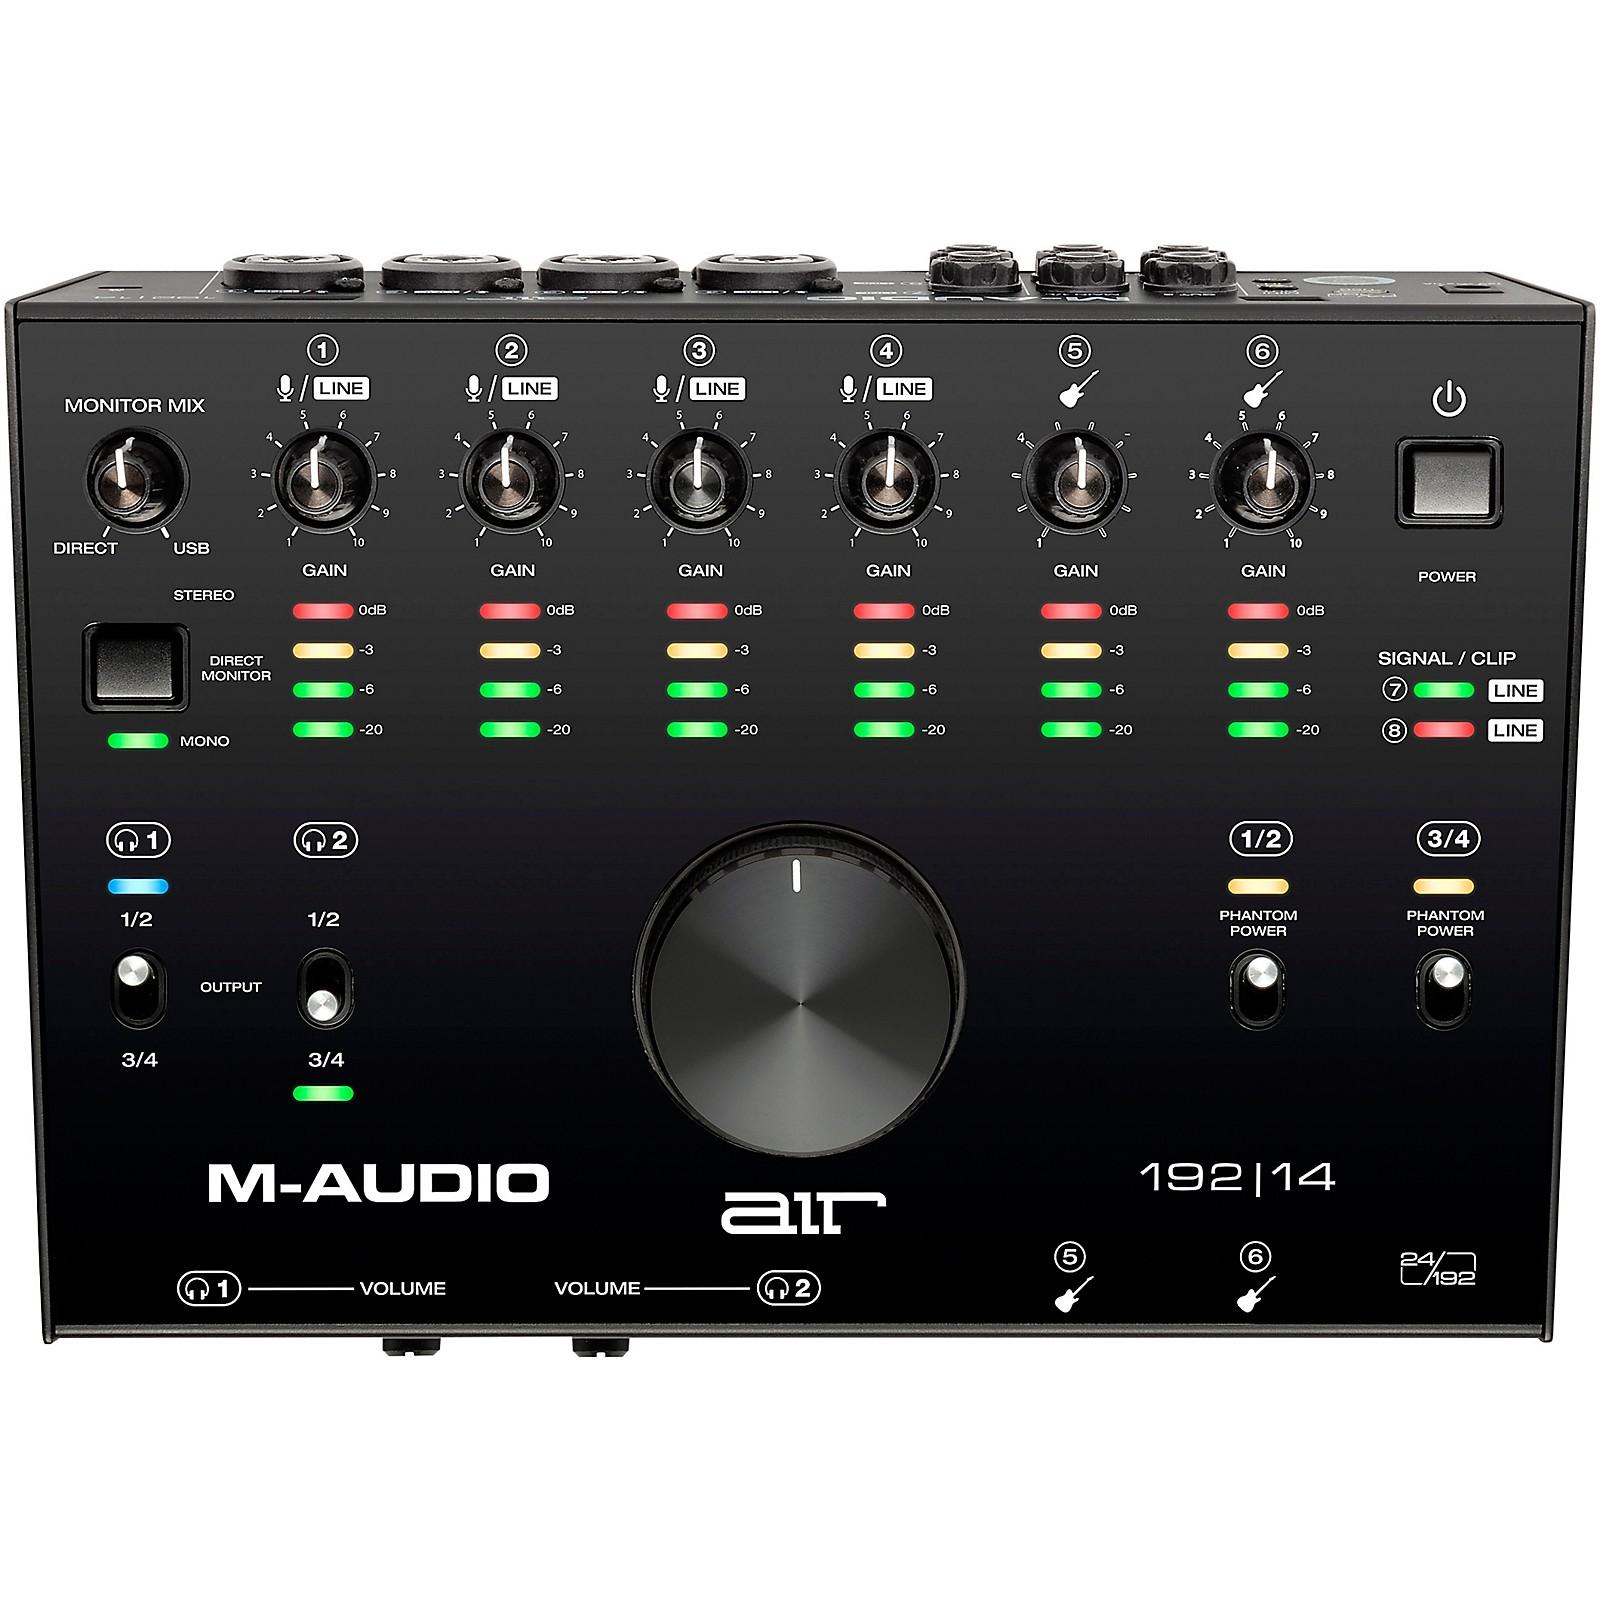 M-Audio AIR 192 14 USB C Audio Interface